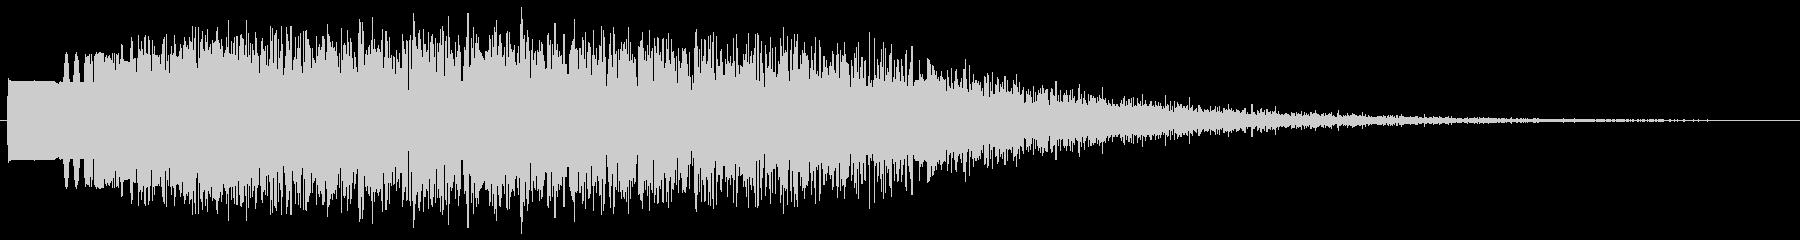 モワワワ・・・という怪音波ですの未再生の波形